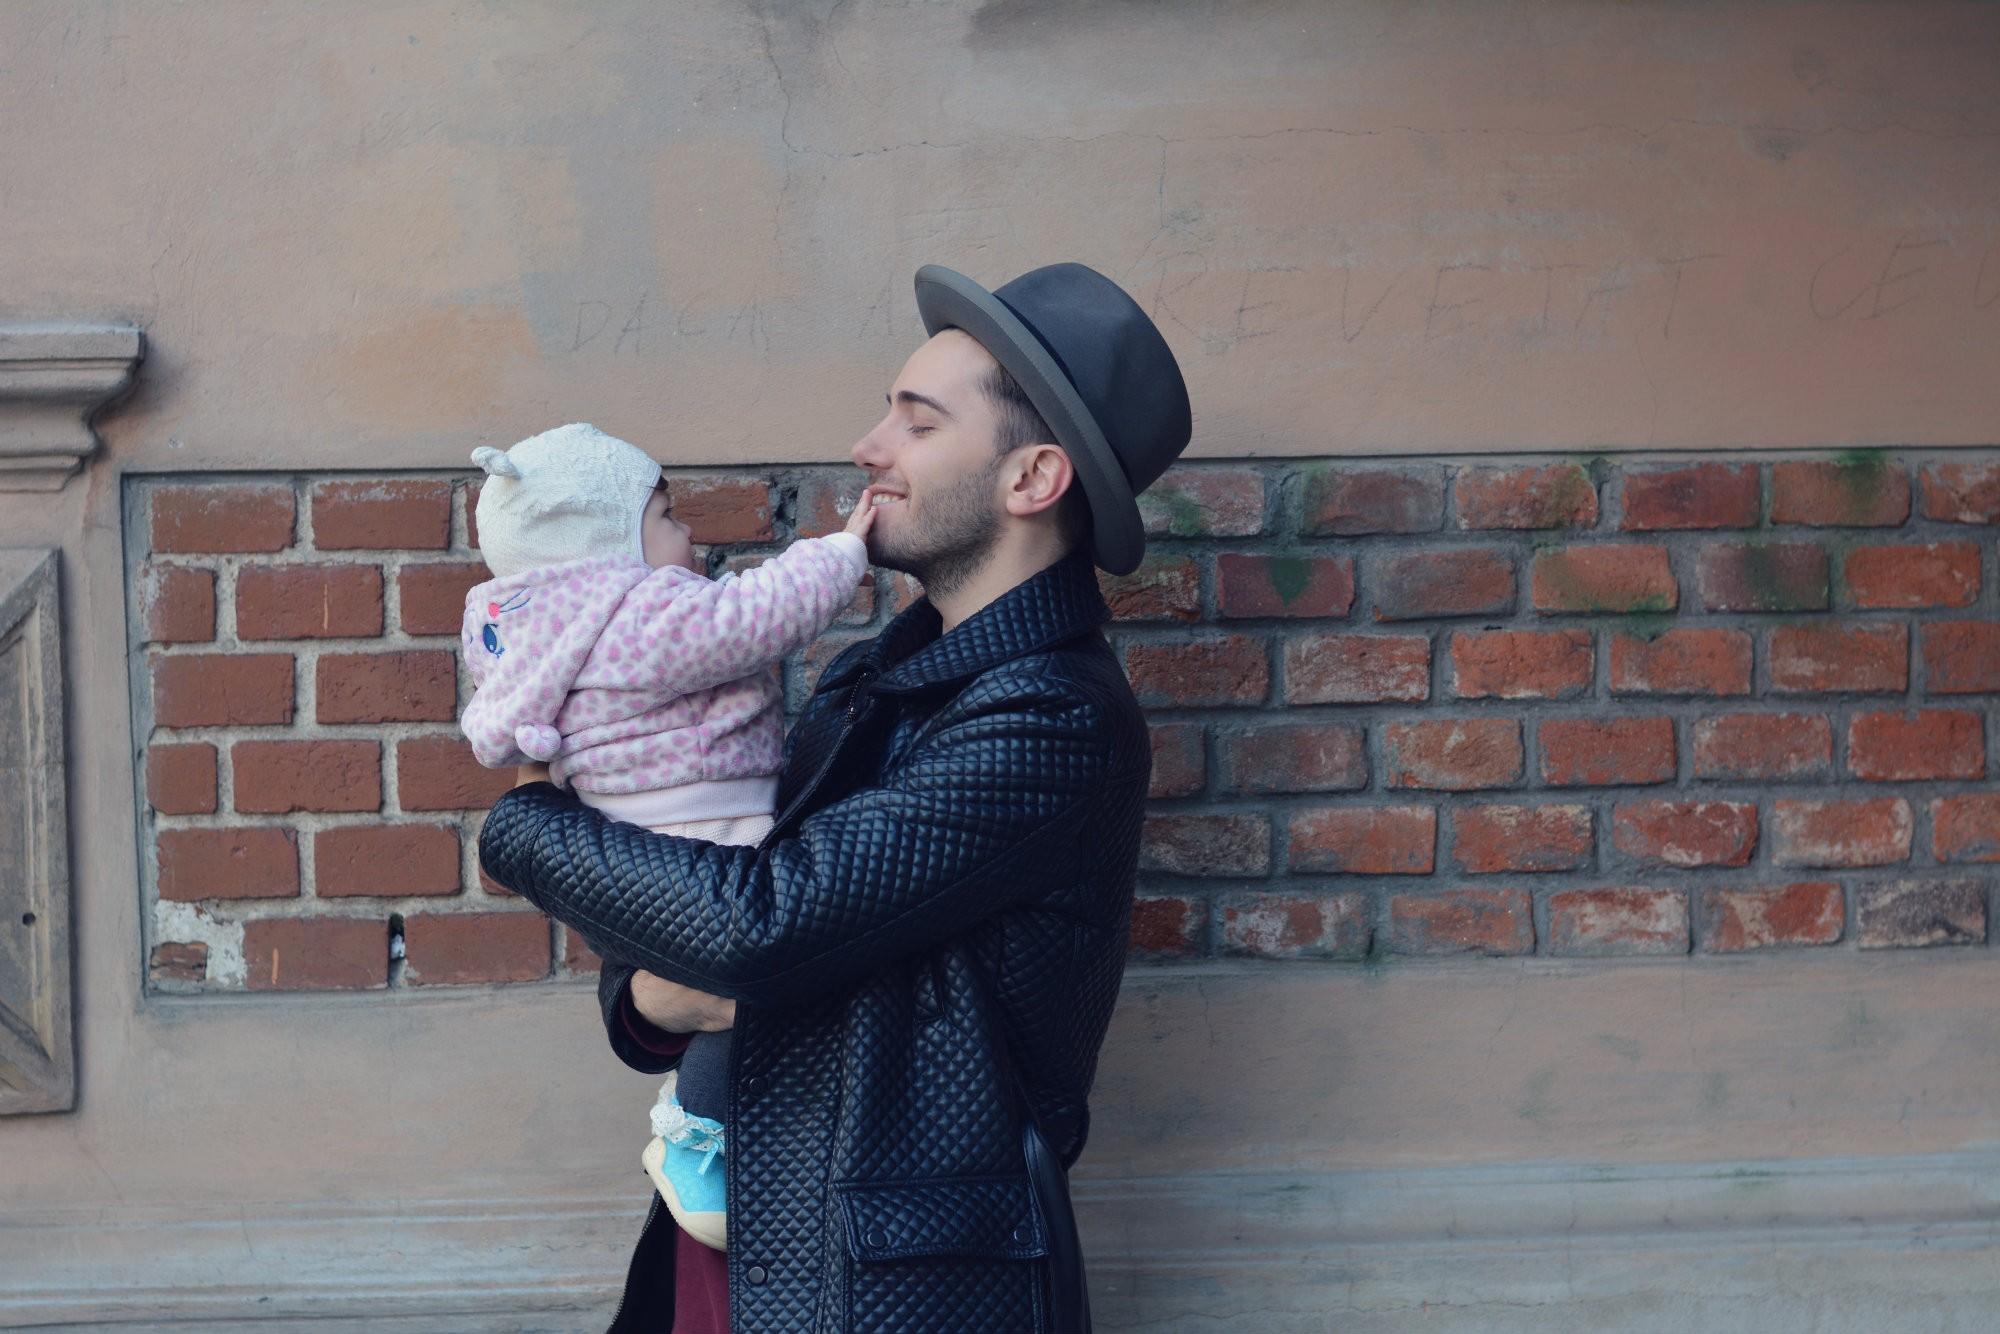 daddycool greu să fii părinte